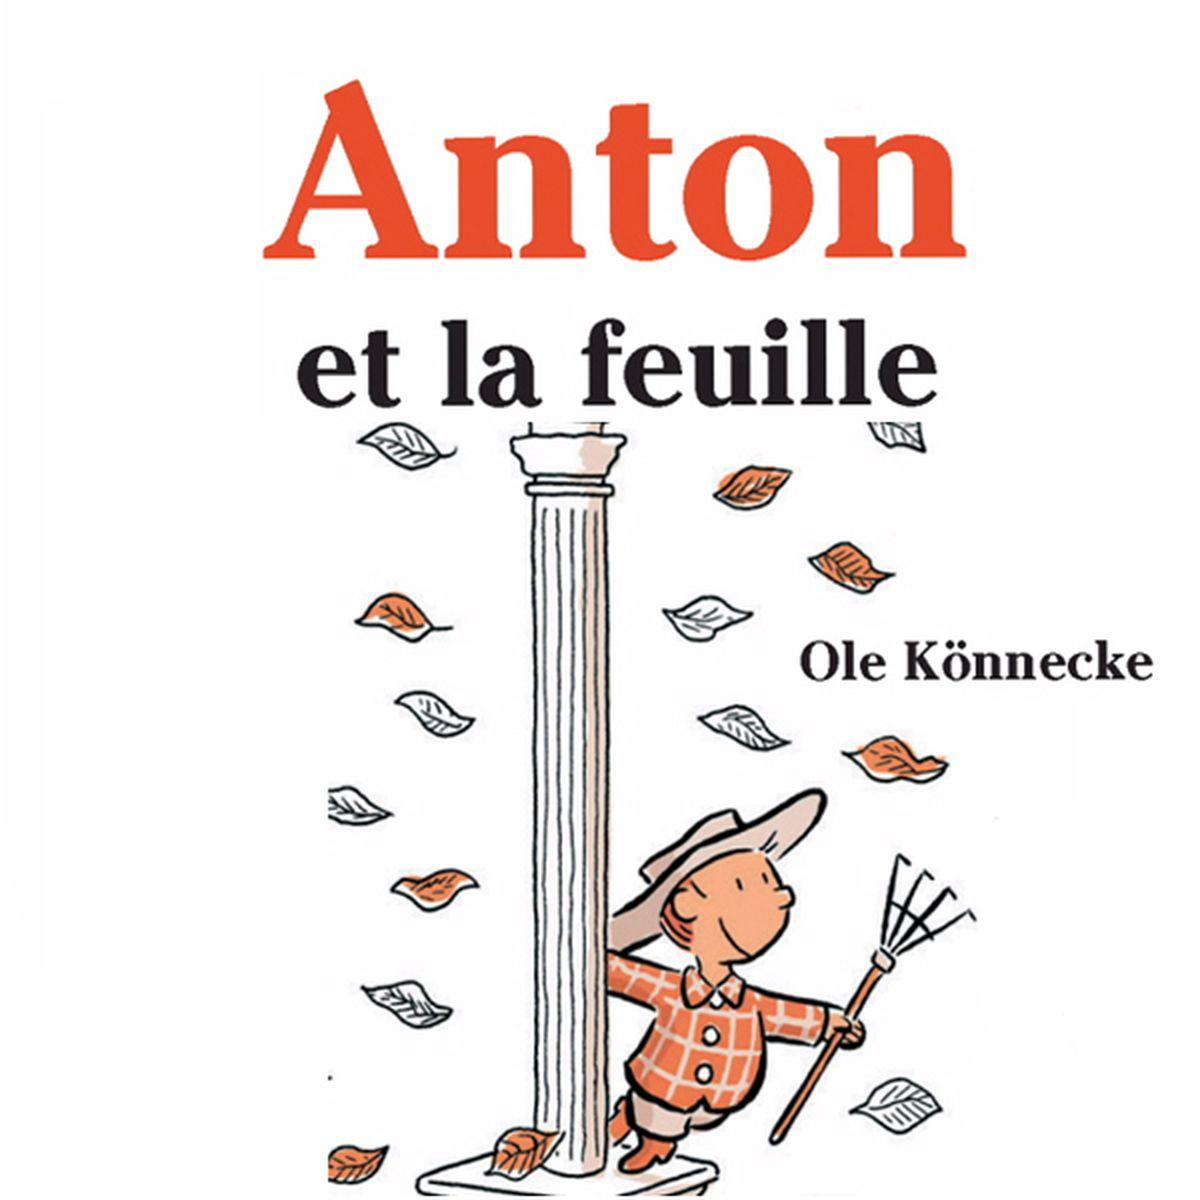 Anton et la feuille |